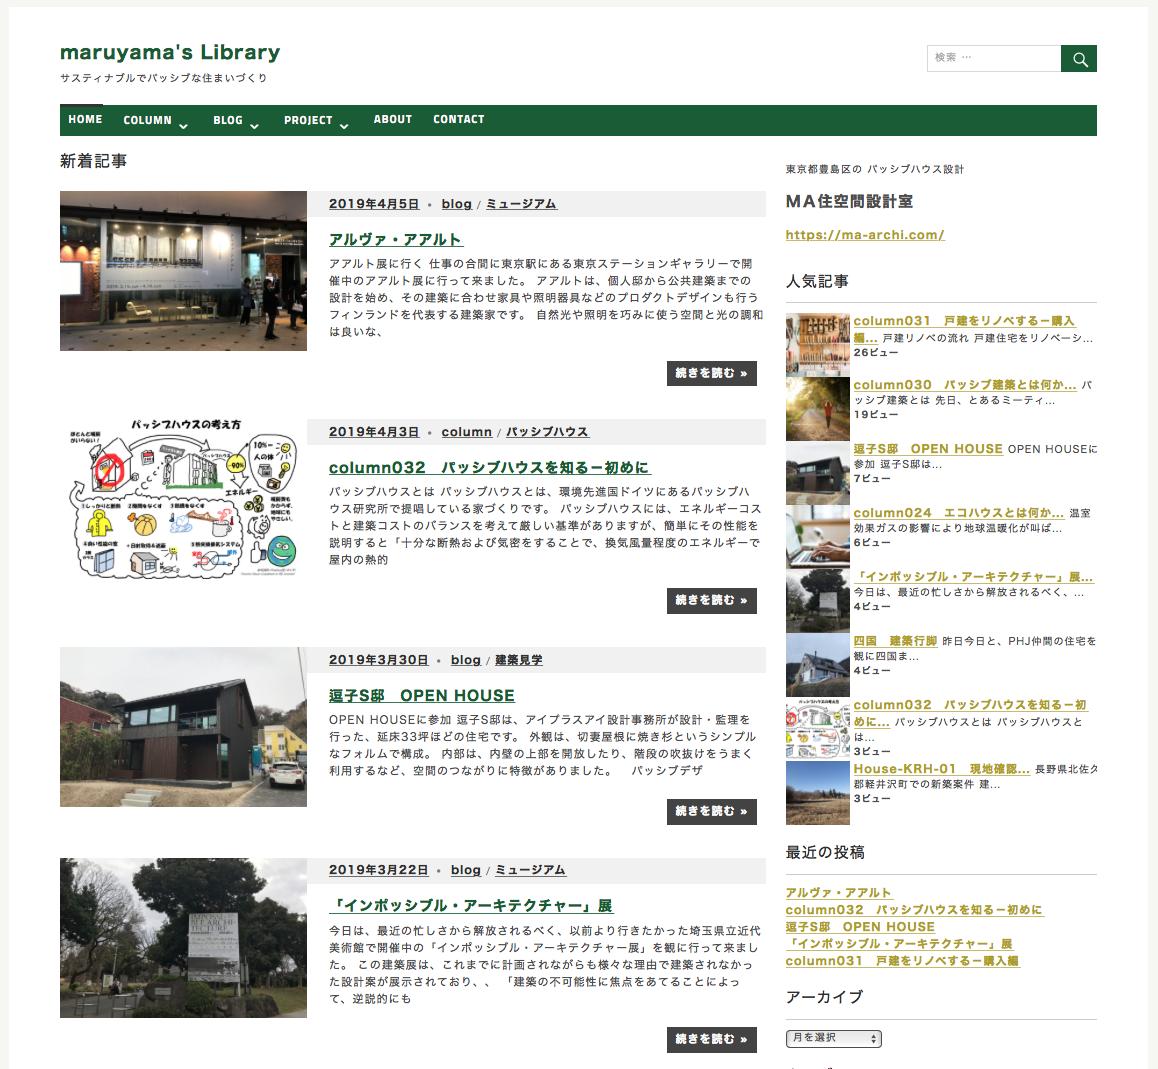 新ブログLibraryデザイン https://ma-archi.com/library/